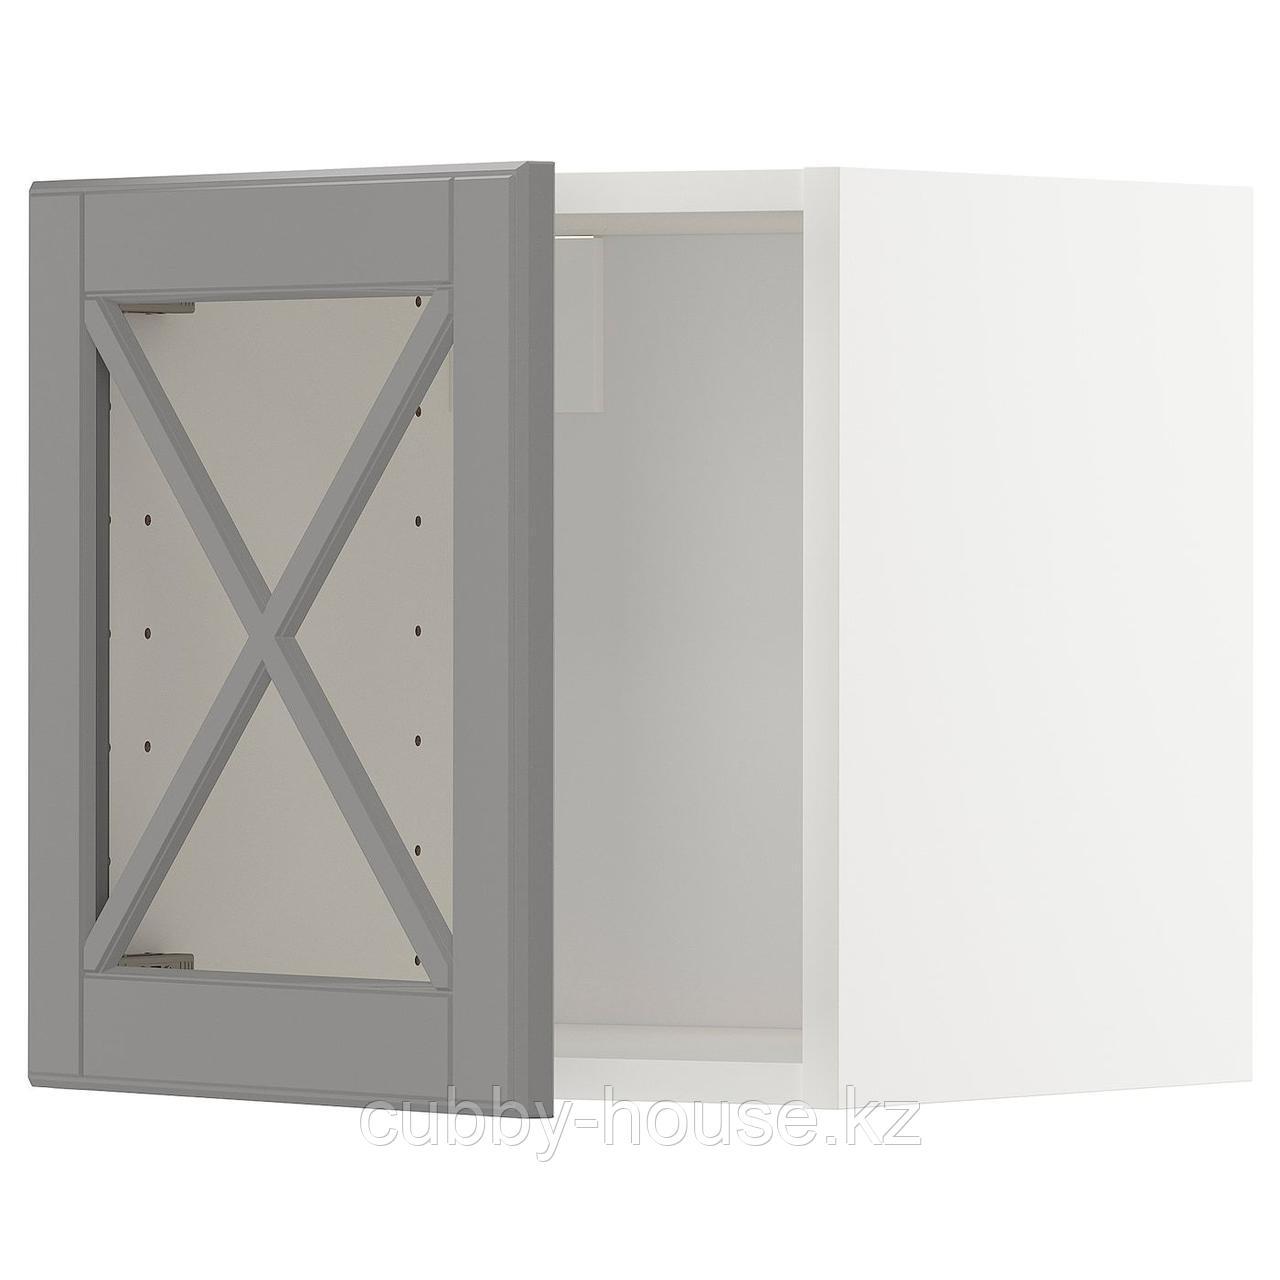 МЕТОД Навесной шкаф со стеклянной дверью, белый, Будбин серый, 40x40 см